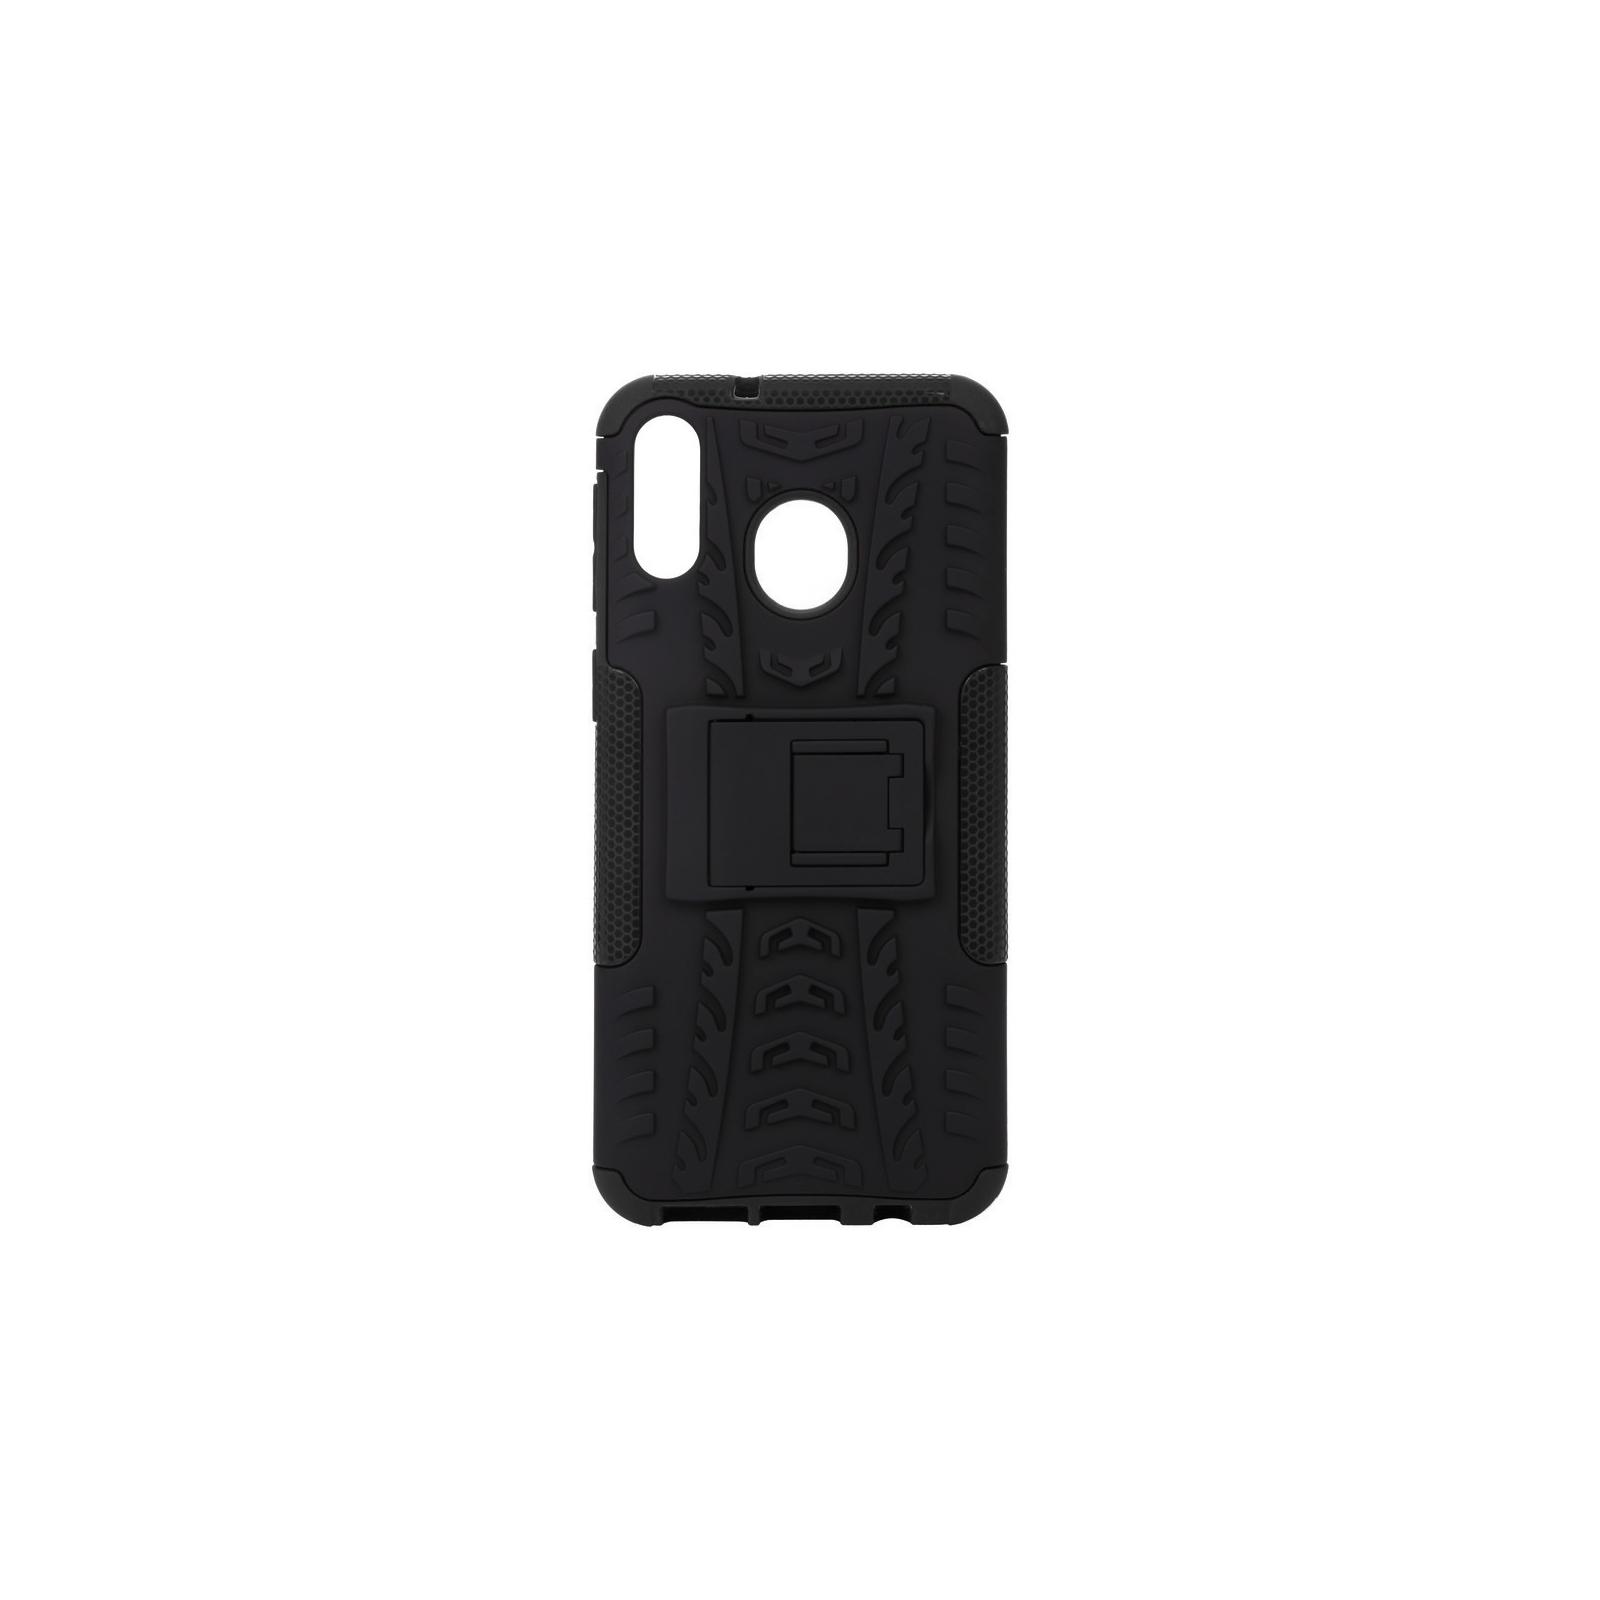 Чехол для моб. телефона BeCover Samsung Galaxy M20 SM-M205 Black (703454)